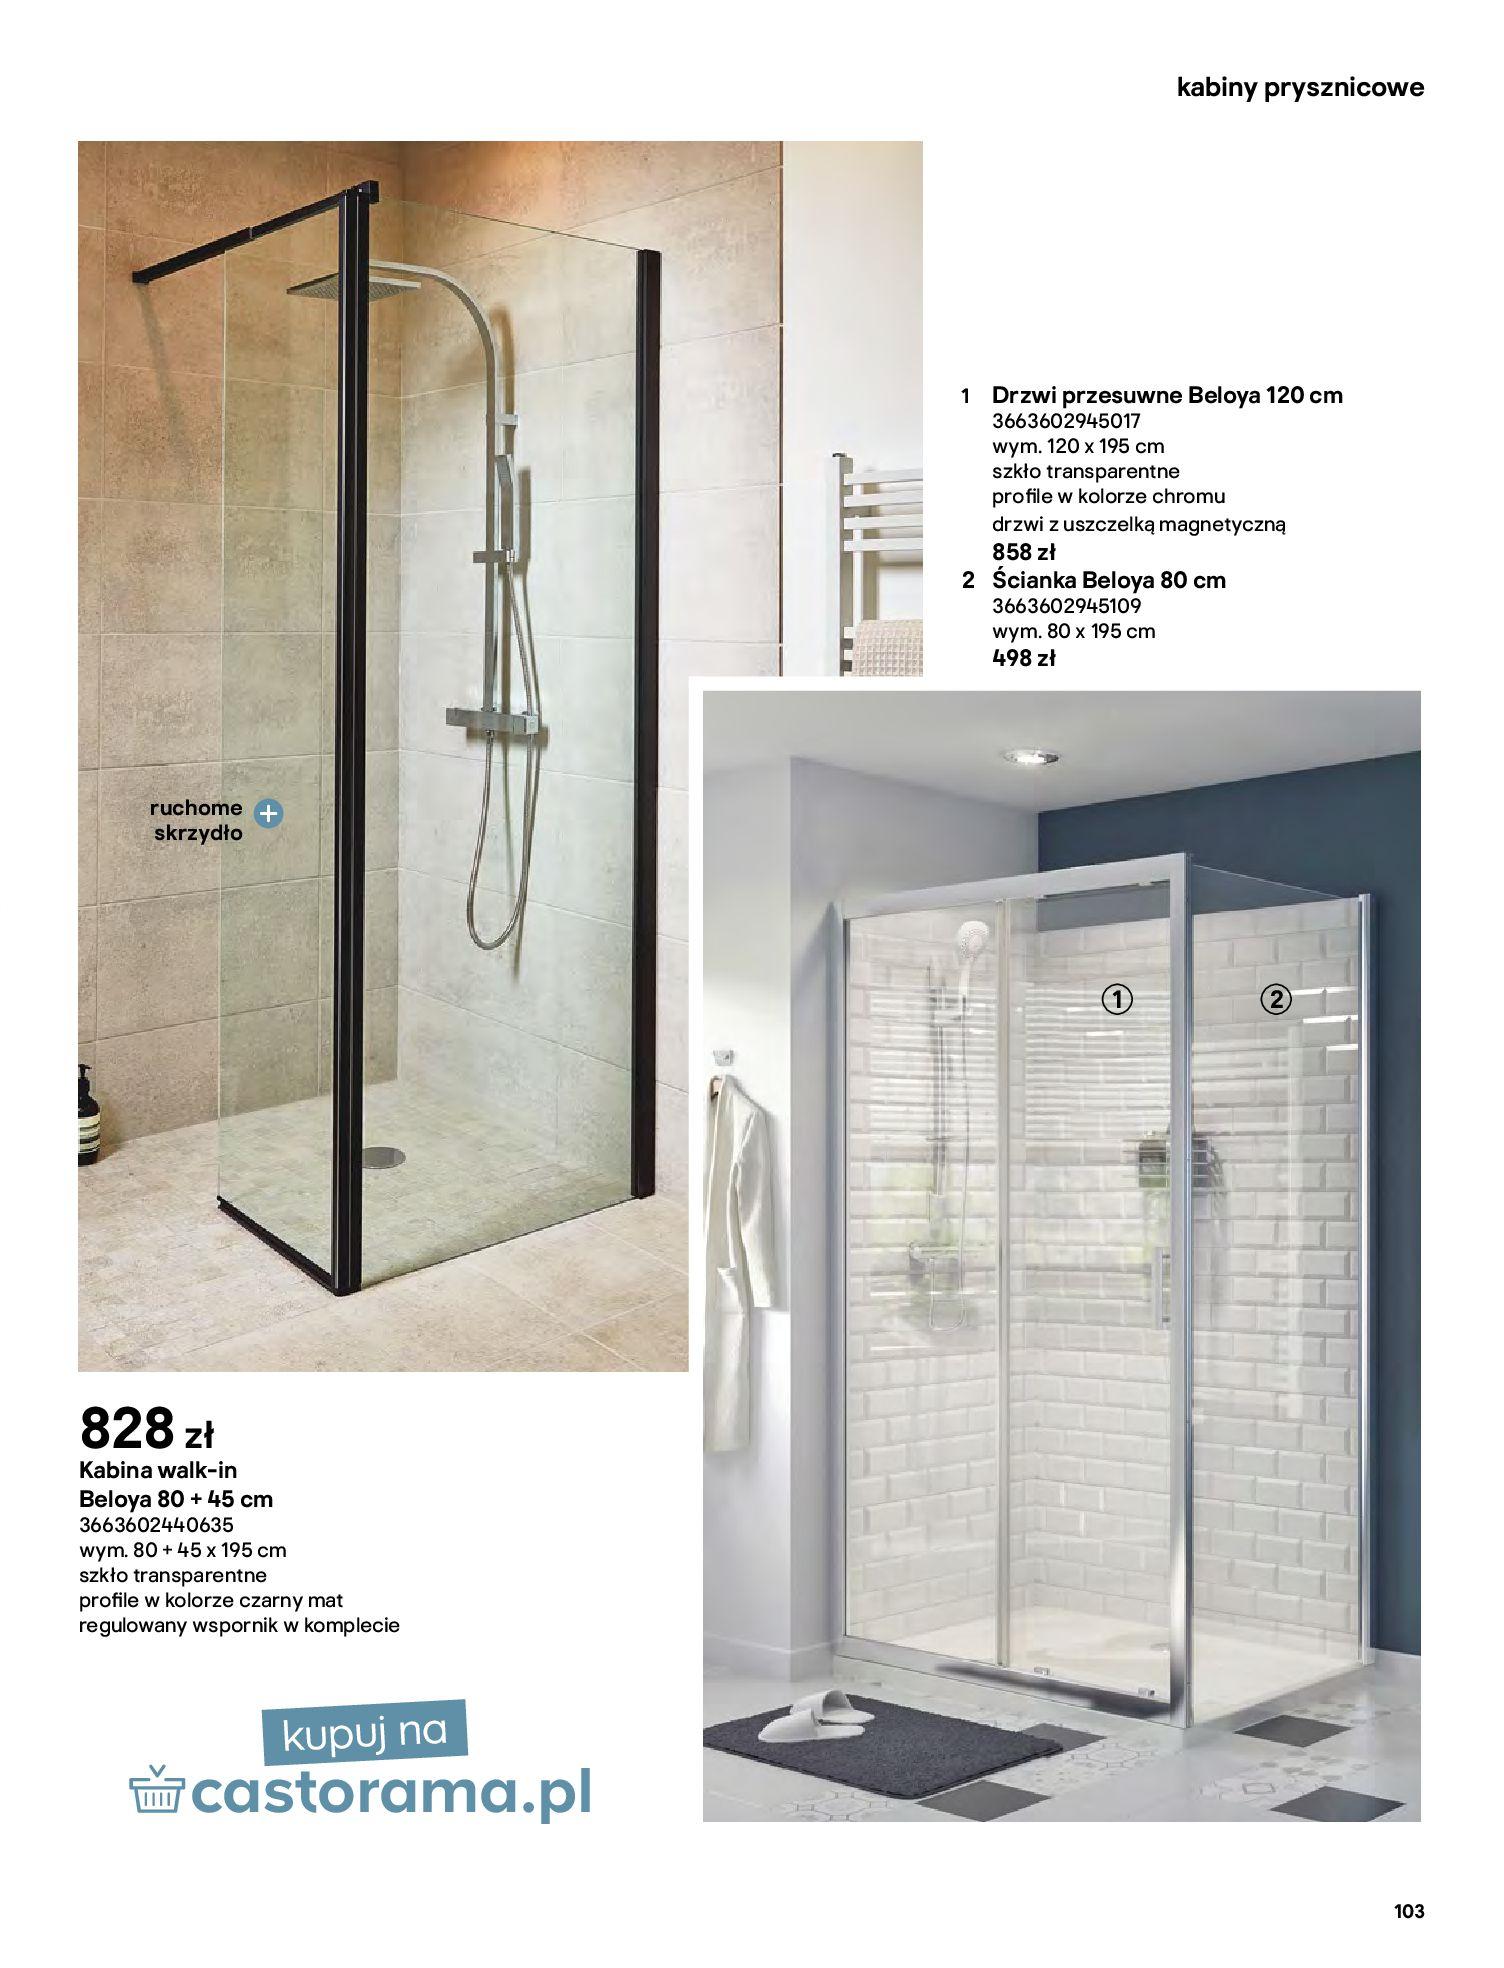 Gazetka Castorama: Gazetka Castorama - katalog łazienki 2021 2021-06-16 page-103